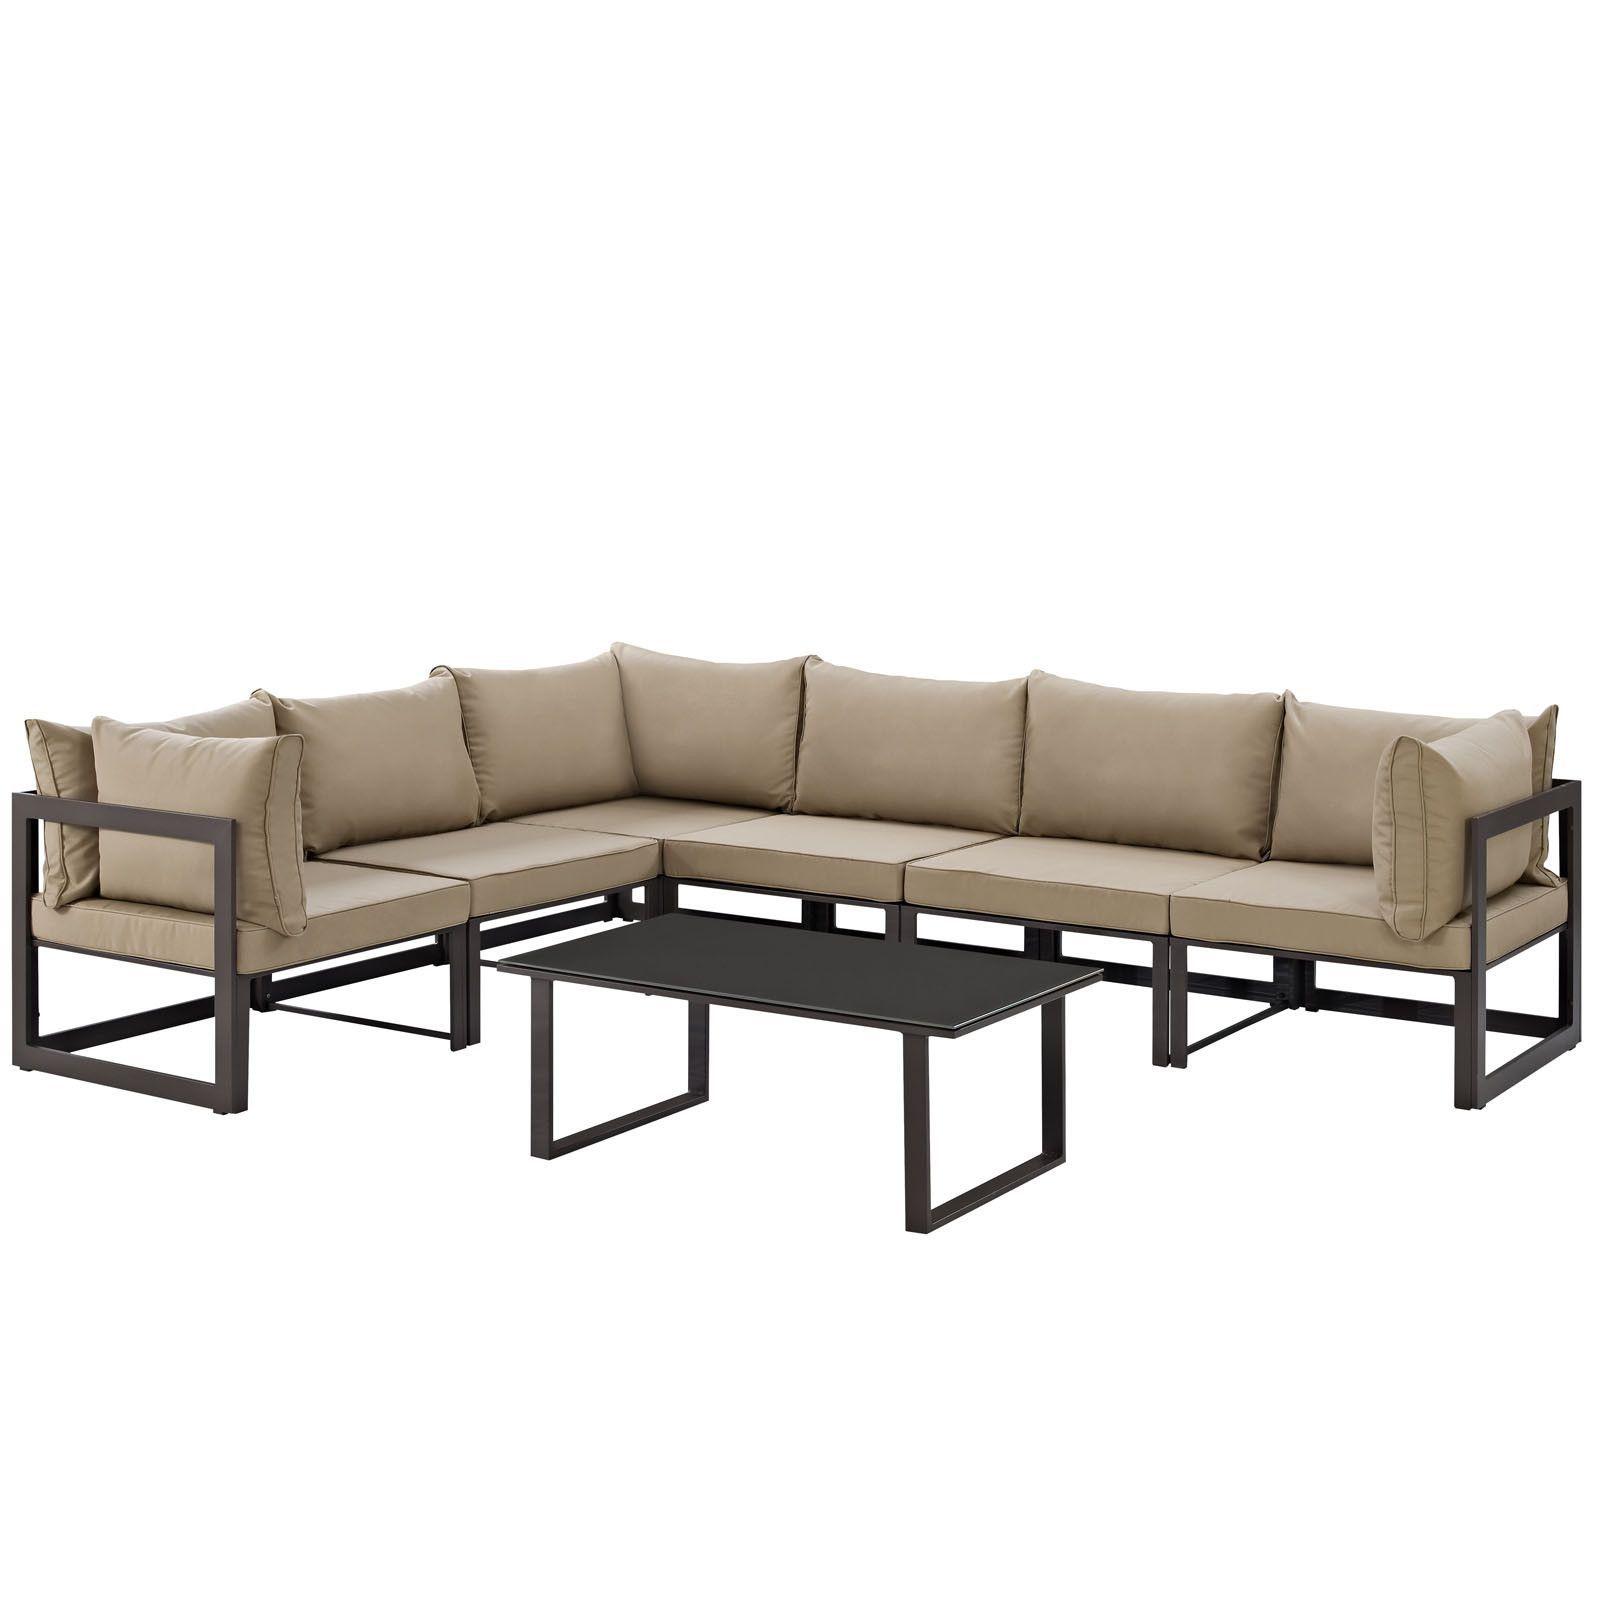 Fortuna 7 Piece Outdoor Patio Sectional Sofa Set Pinterest ~ Sofa Divã Para Quarto Com Quarto Forrado Com Pvc